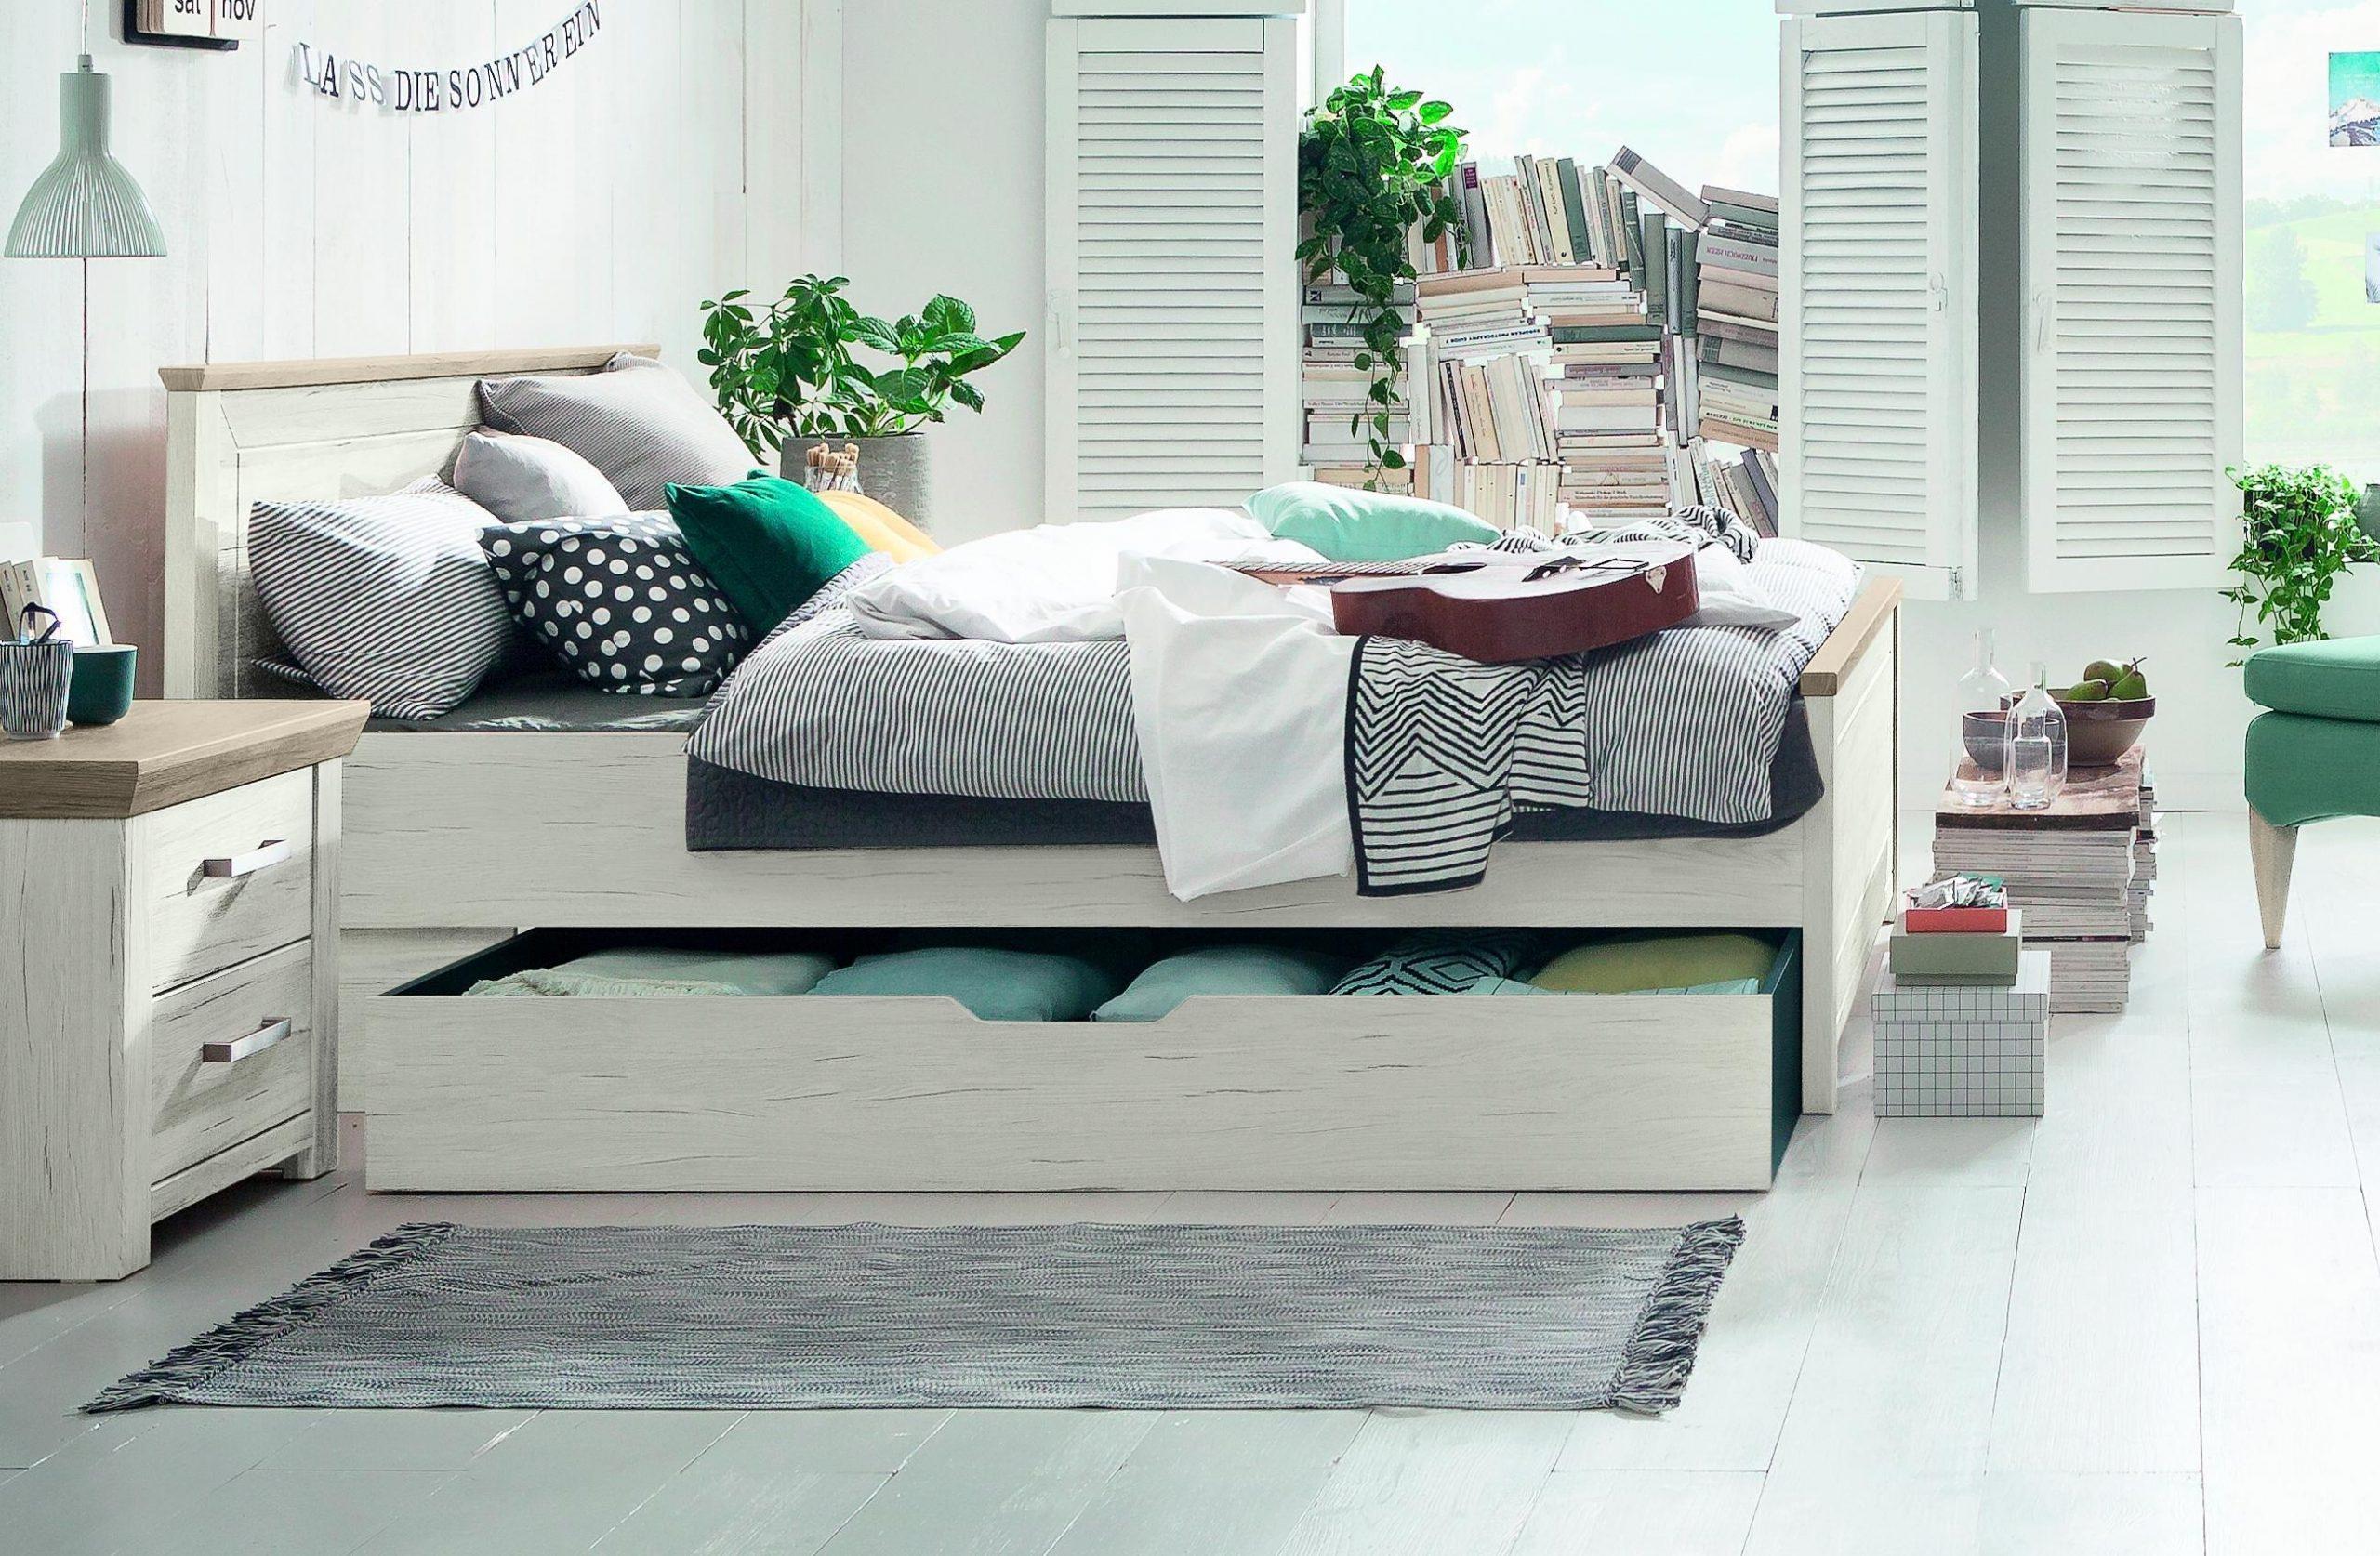 Full Size of Musterring Saphira Betten Ebay Landhausstil Mannheim Teenager Mnchen Esstisch Wohnzimmer Musterring Saphira